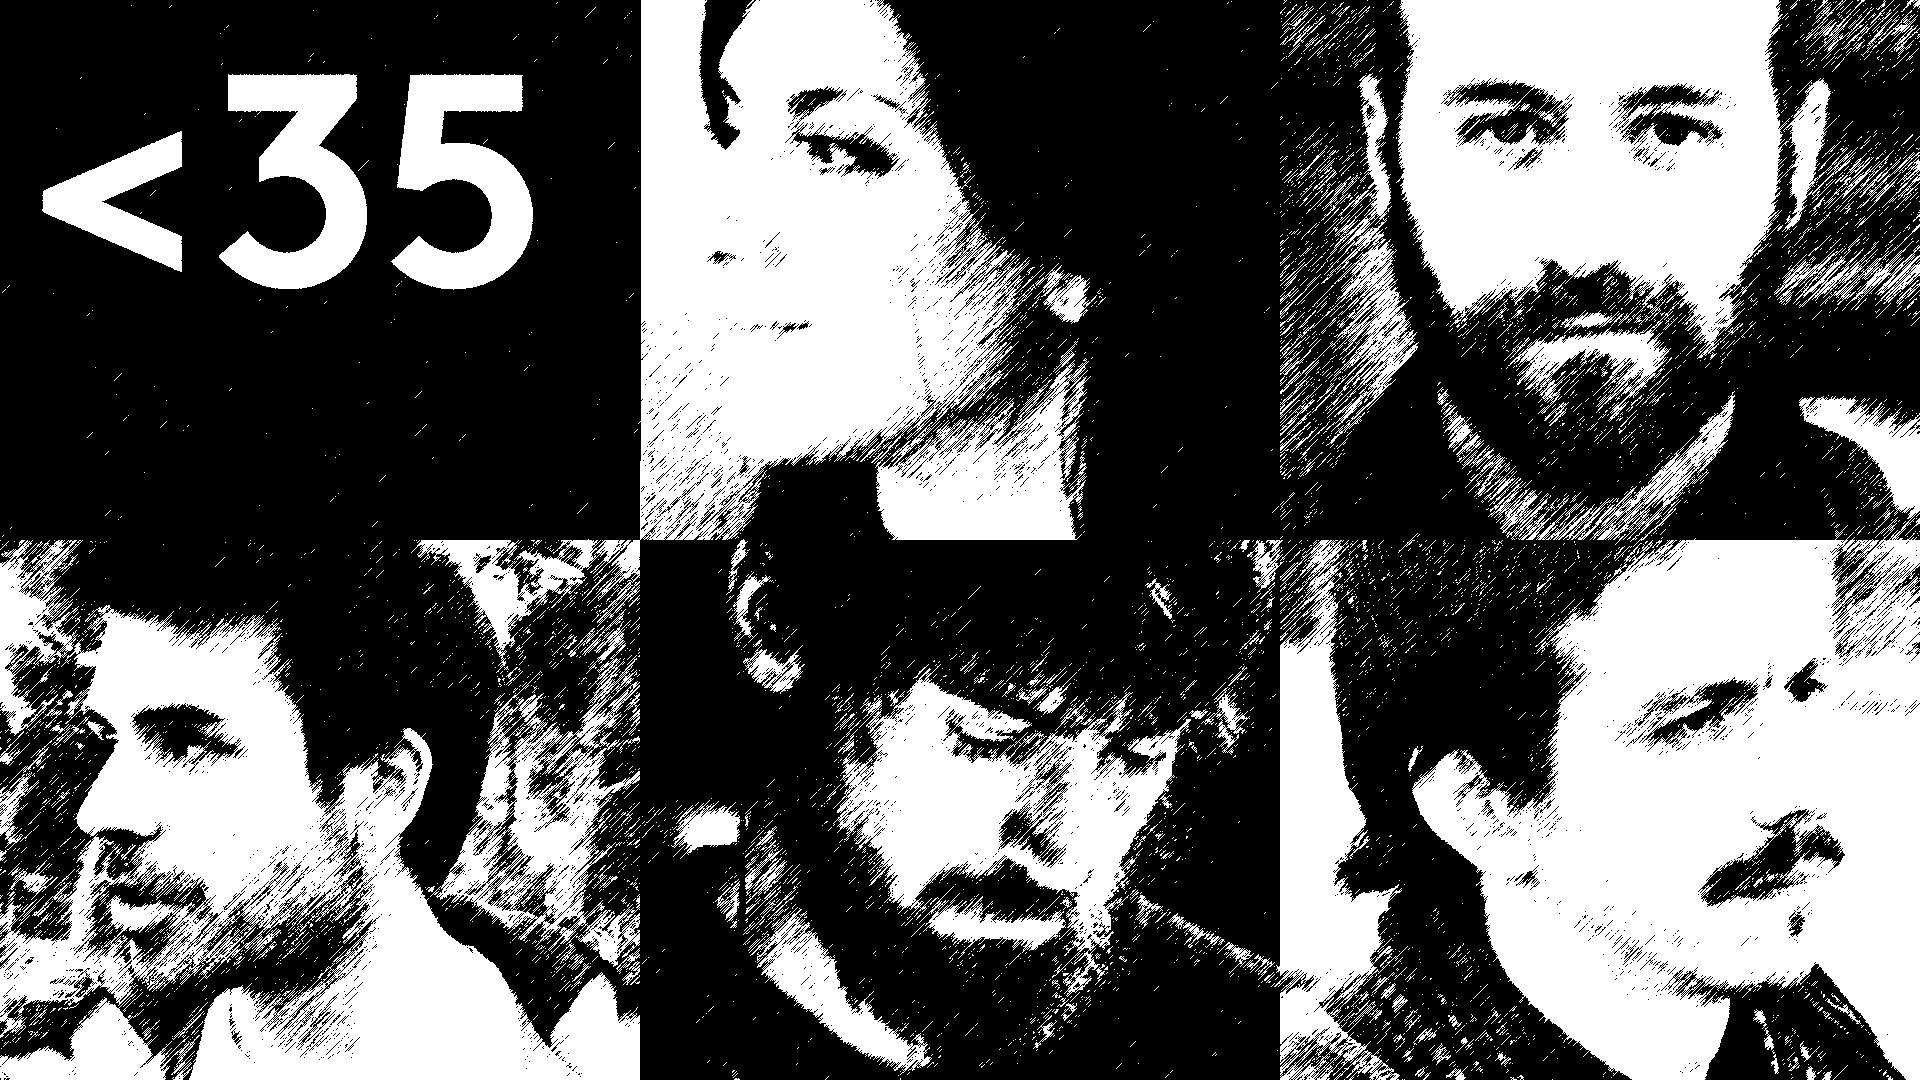 Aula de (Re)estrenos (98). Compositores Sub-35 (V)